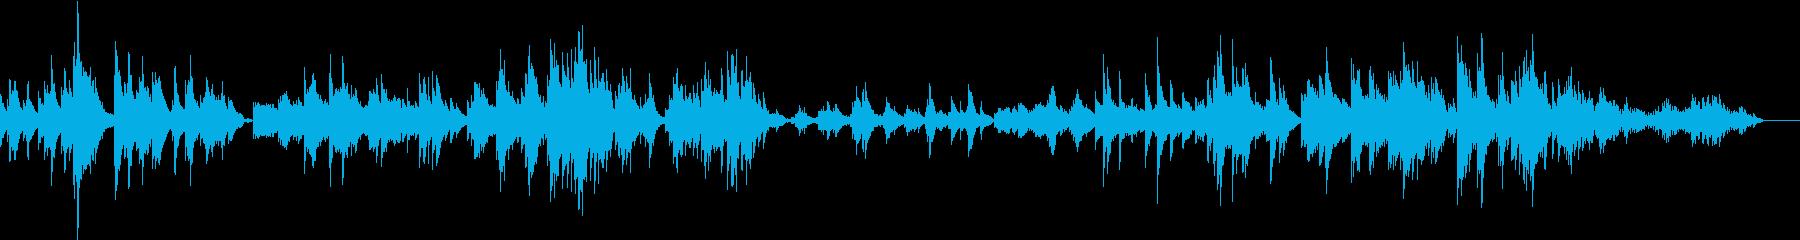 メランコリックで静かなピアノ曲の再生済みの波形